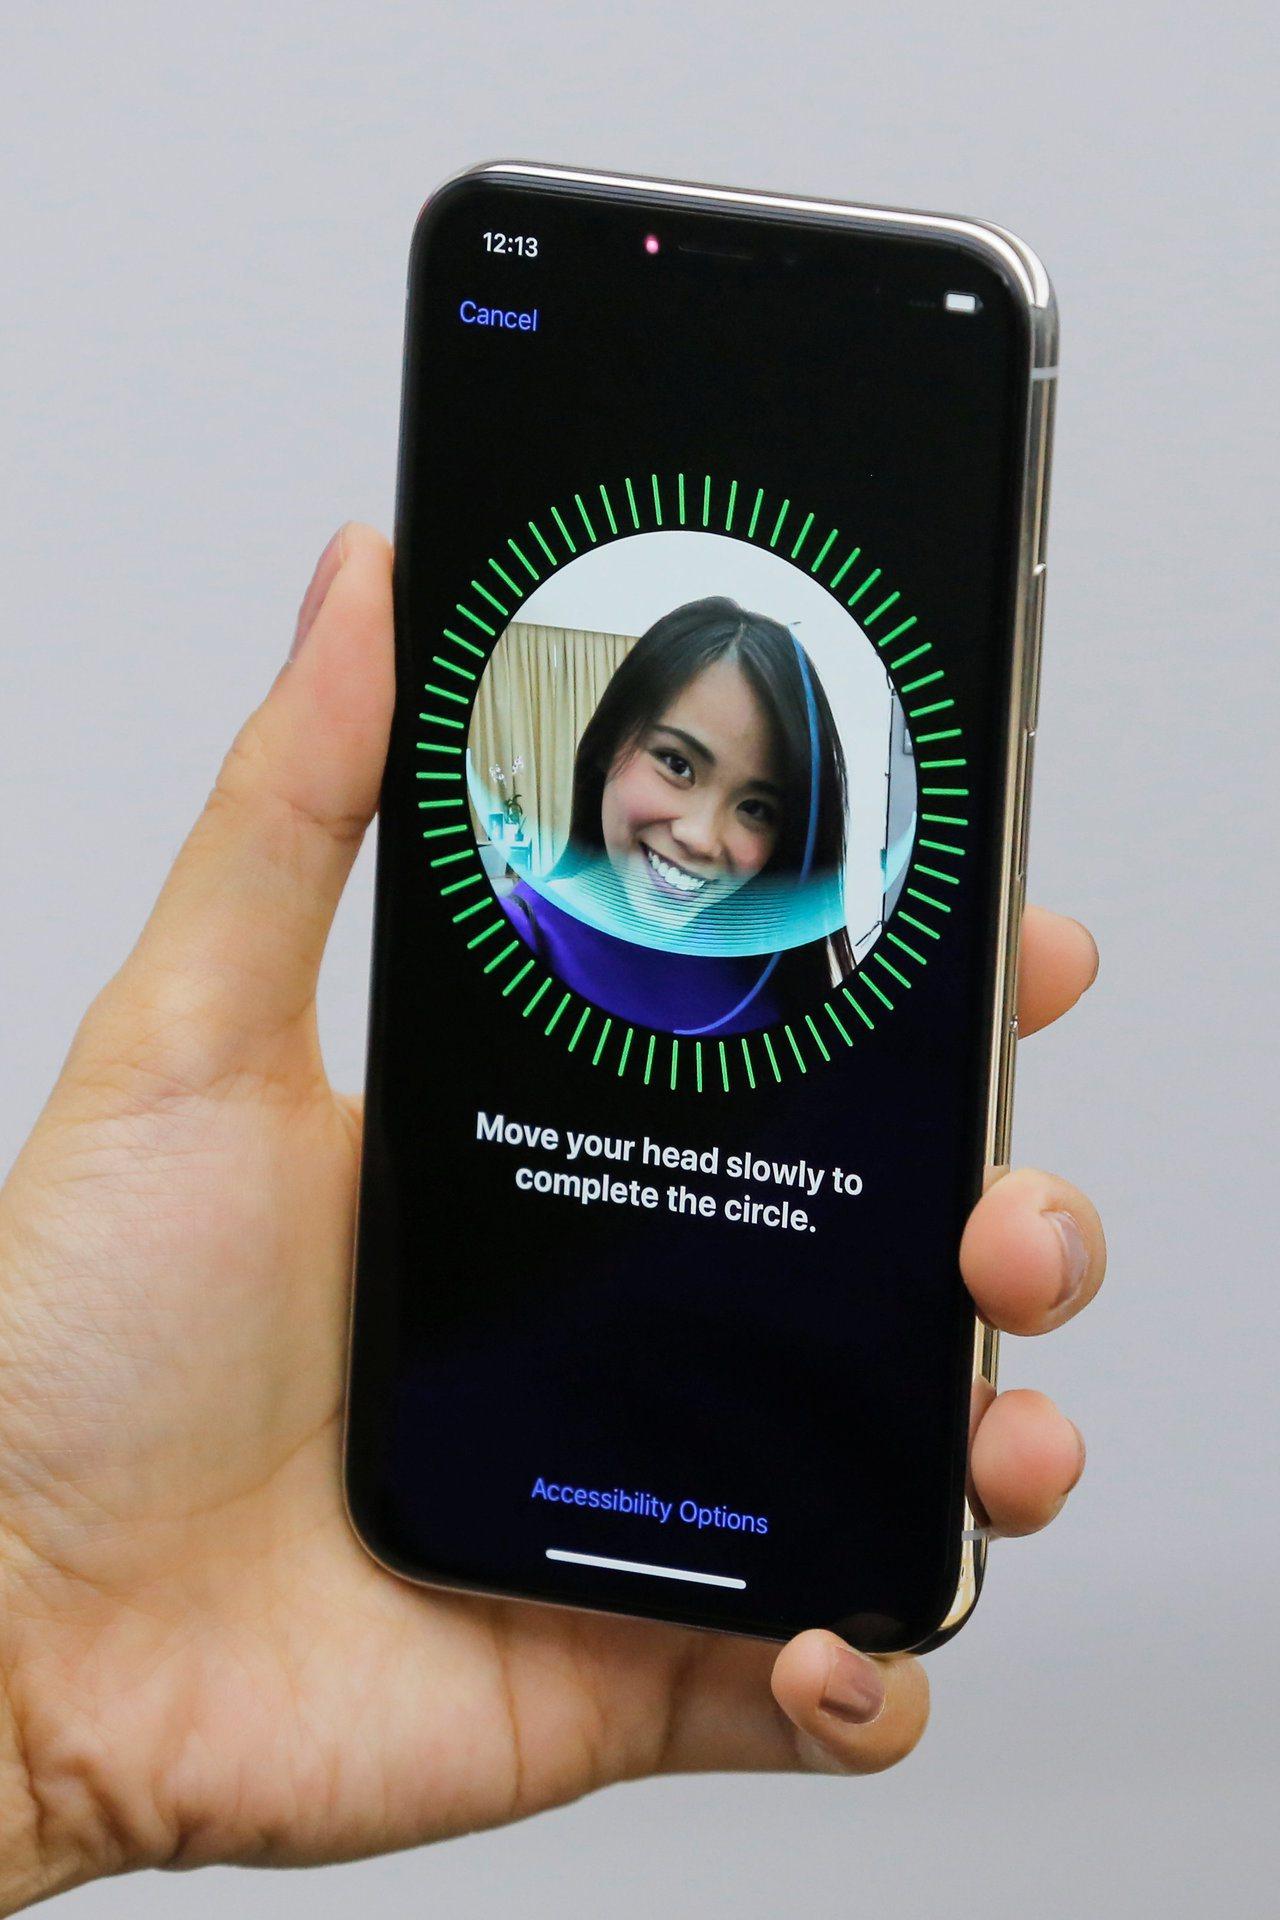 蘋果據傳將替2019年新iPhone加上後置3D感測器。圖為消費者使用iPhon...